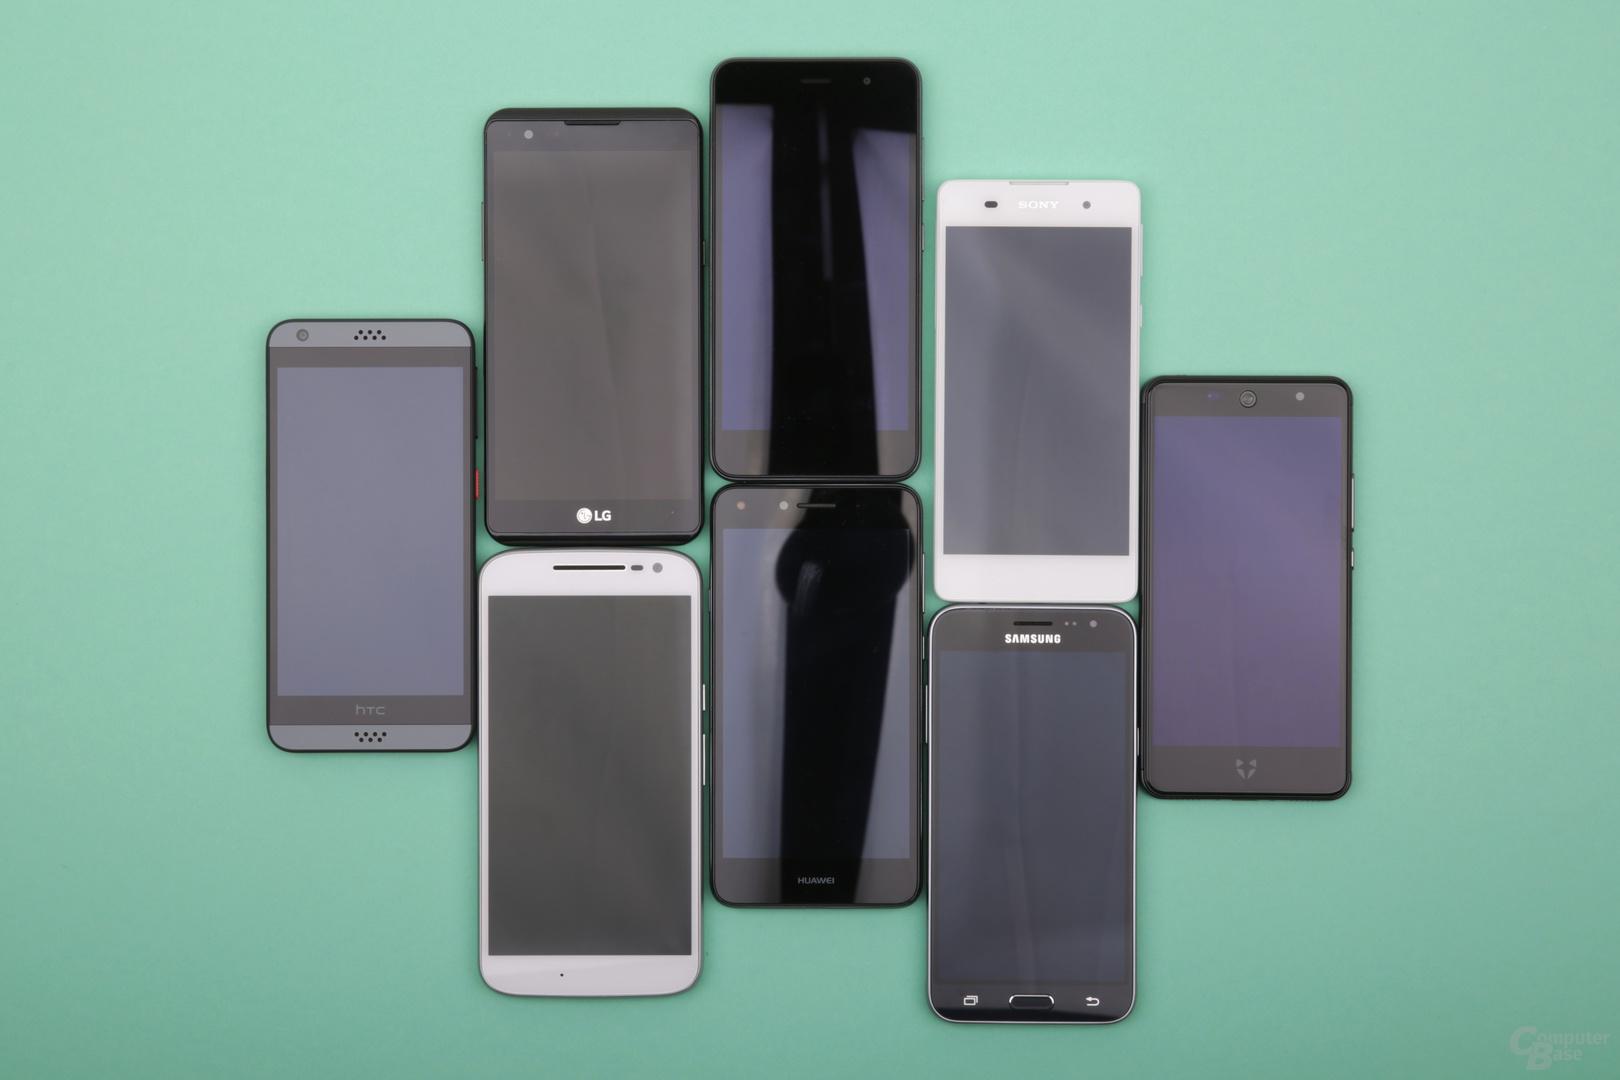 5 Zoll sind der Standard, Lenovo und LG bieten 5,5 und 5,3 Zoll